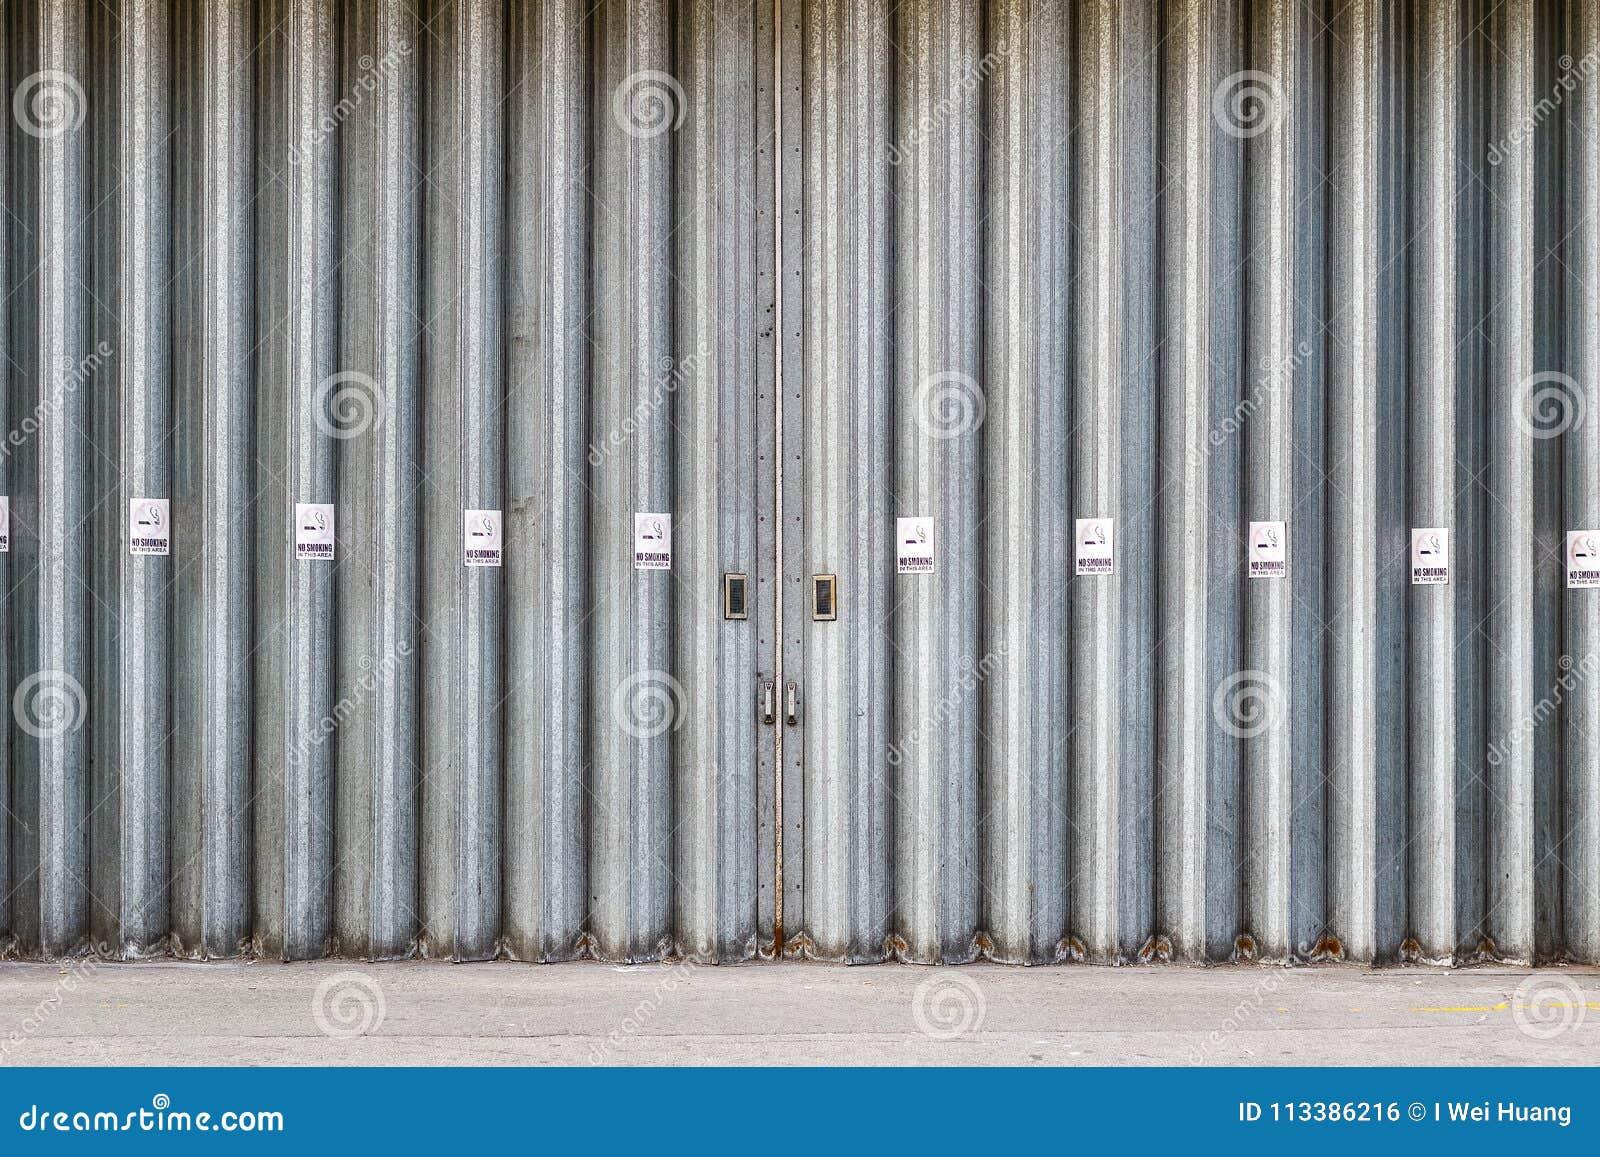 Сползая и складывая промышленные двери с для некурящих знаками